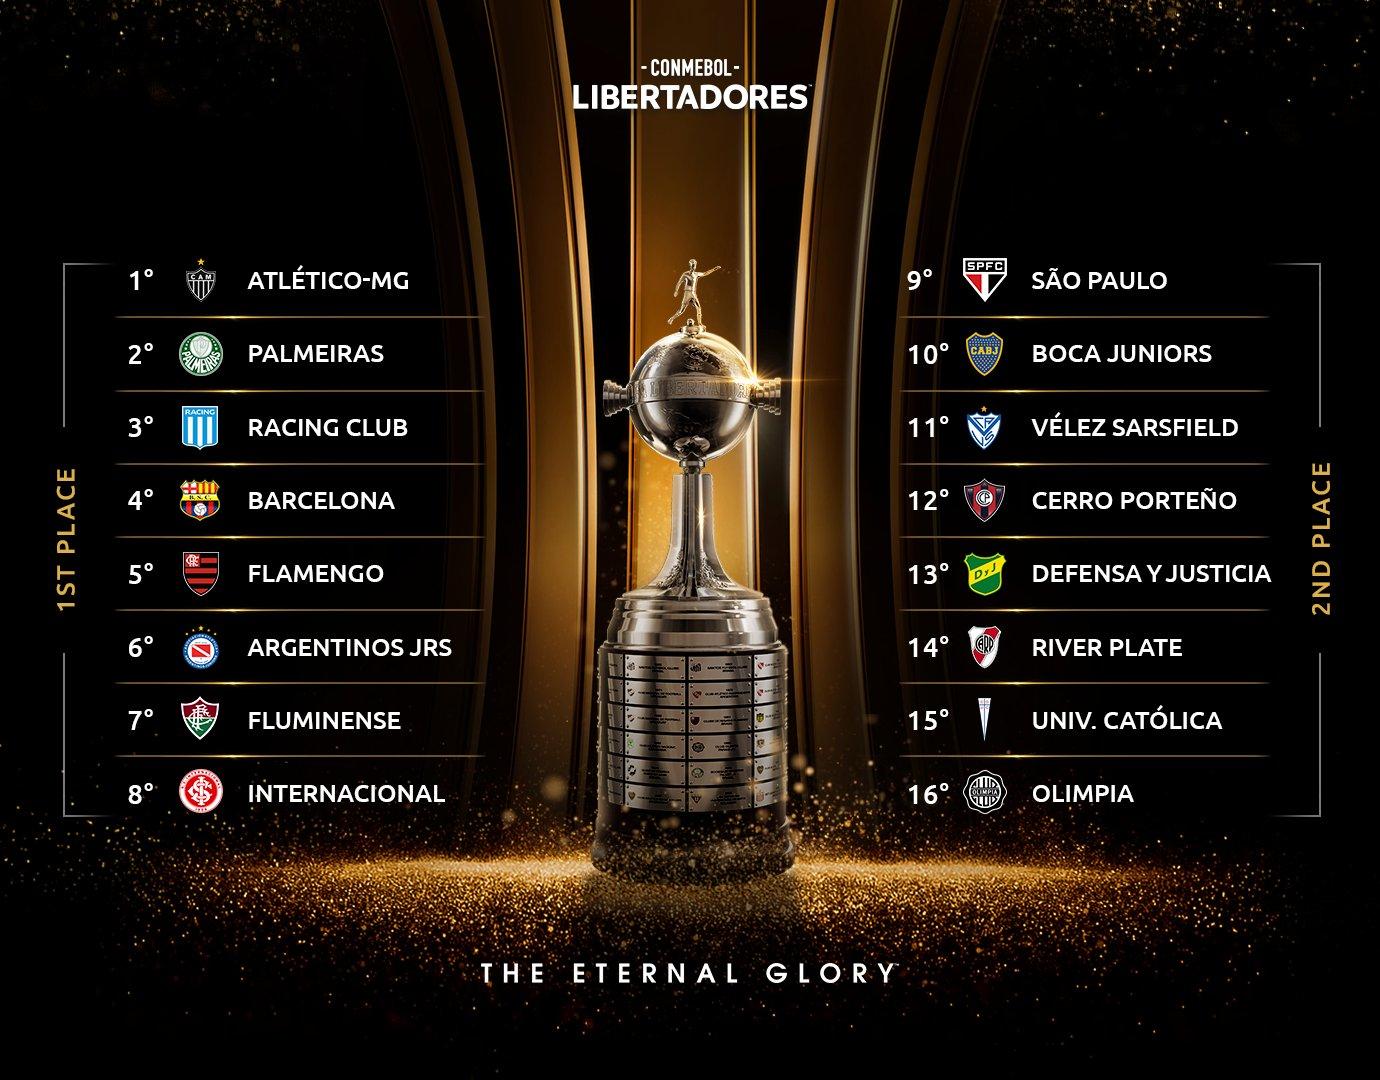 Copa Libertadores Round of 16: Brazilian & Argentinian Clubs Dominate Field - LA Soccer Press